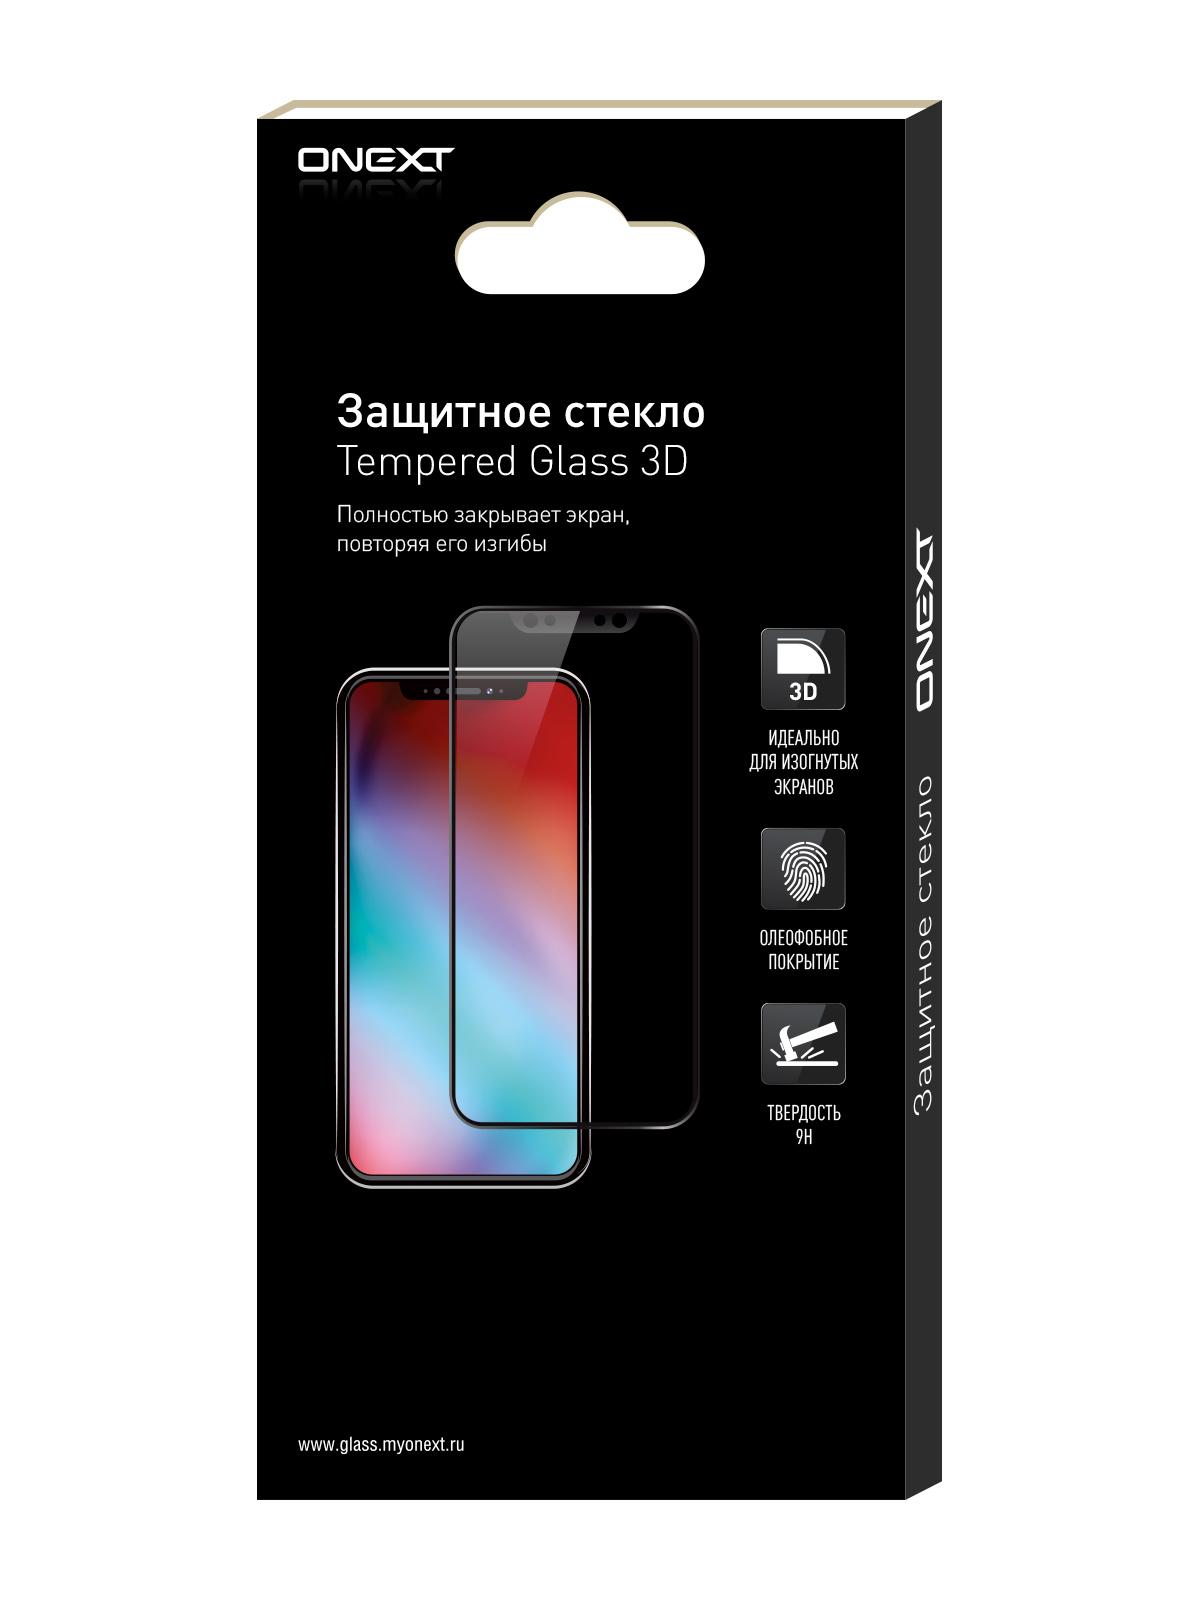 Защитное стекло ONEXT для Apple iPhone 7 Plus/iPhone 8 Plus